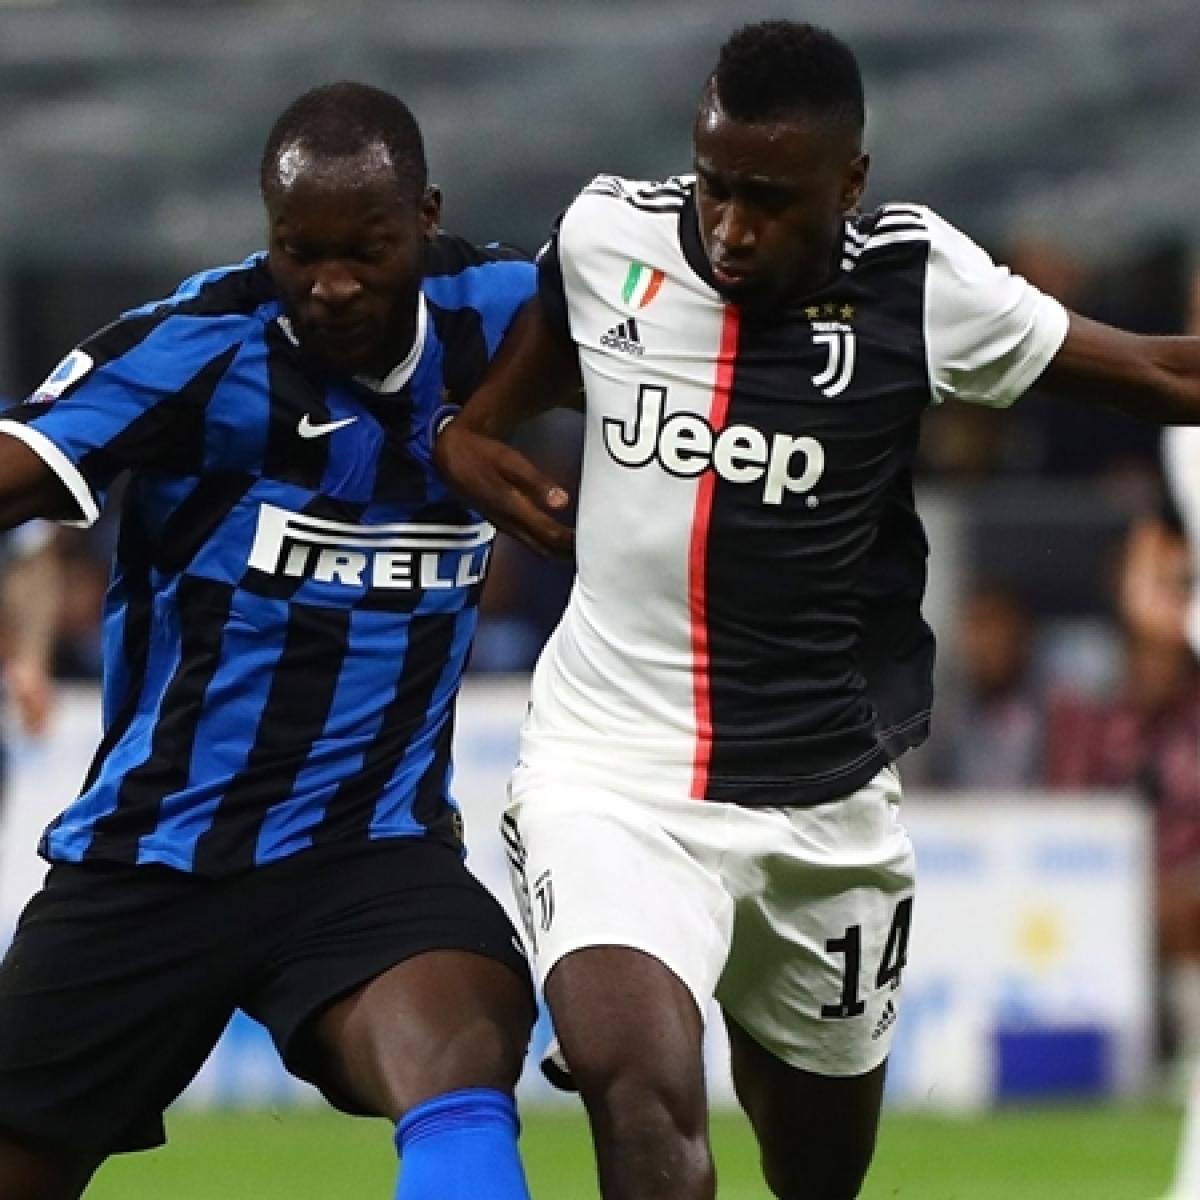 Juventus v Inter Milan among five games behind closed doors due to coronavirus